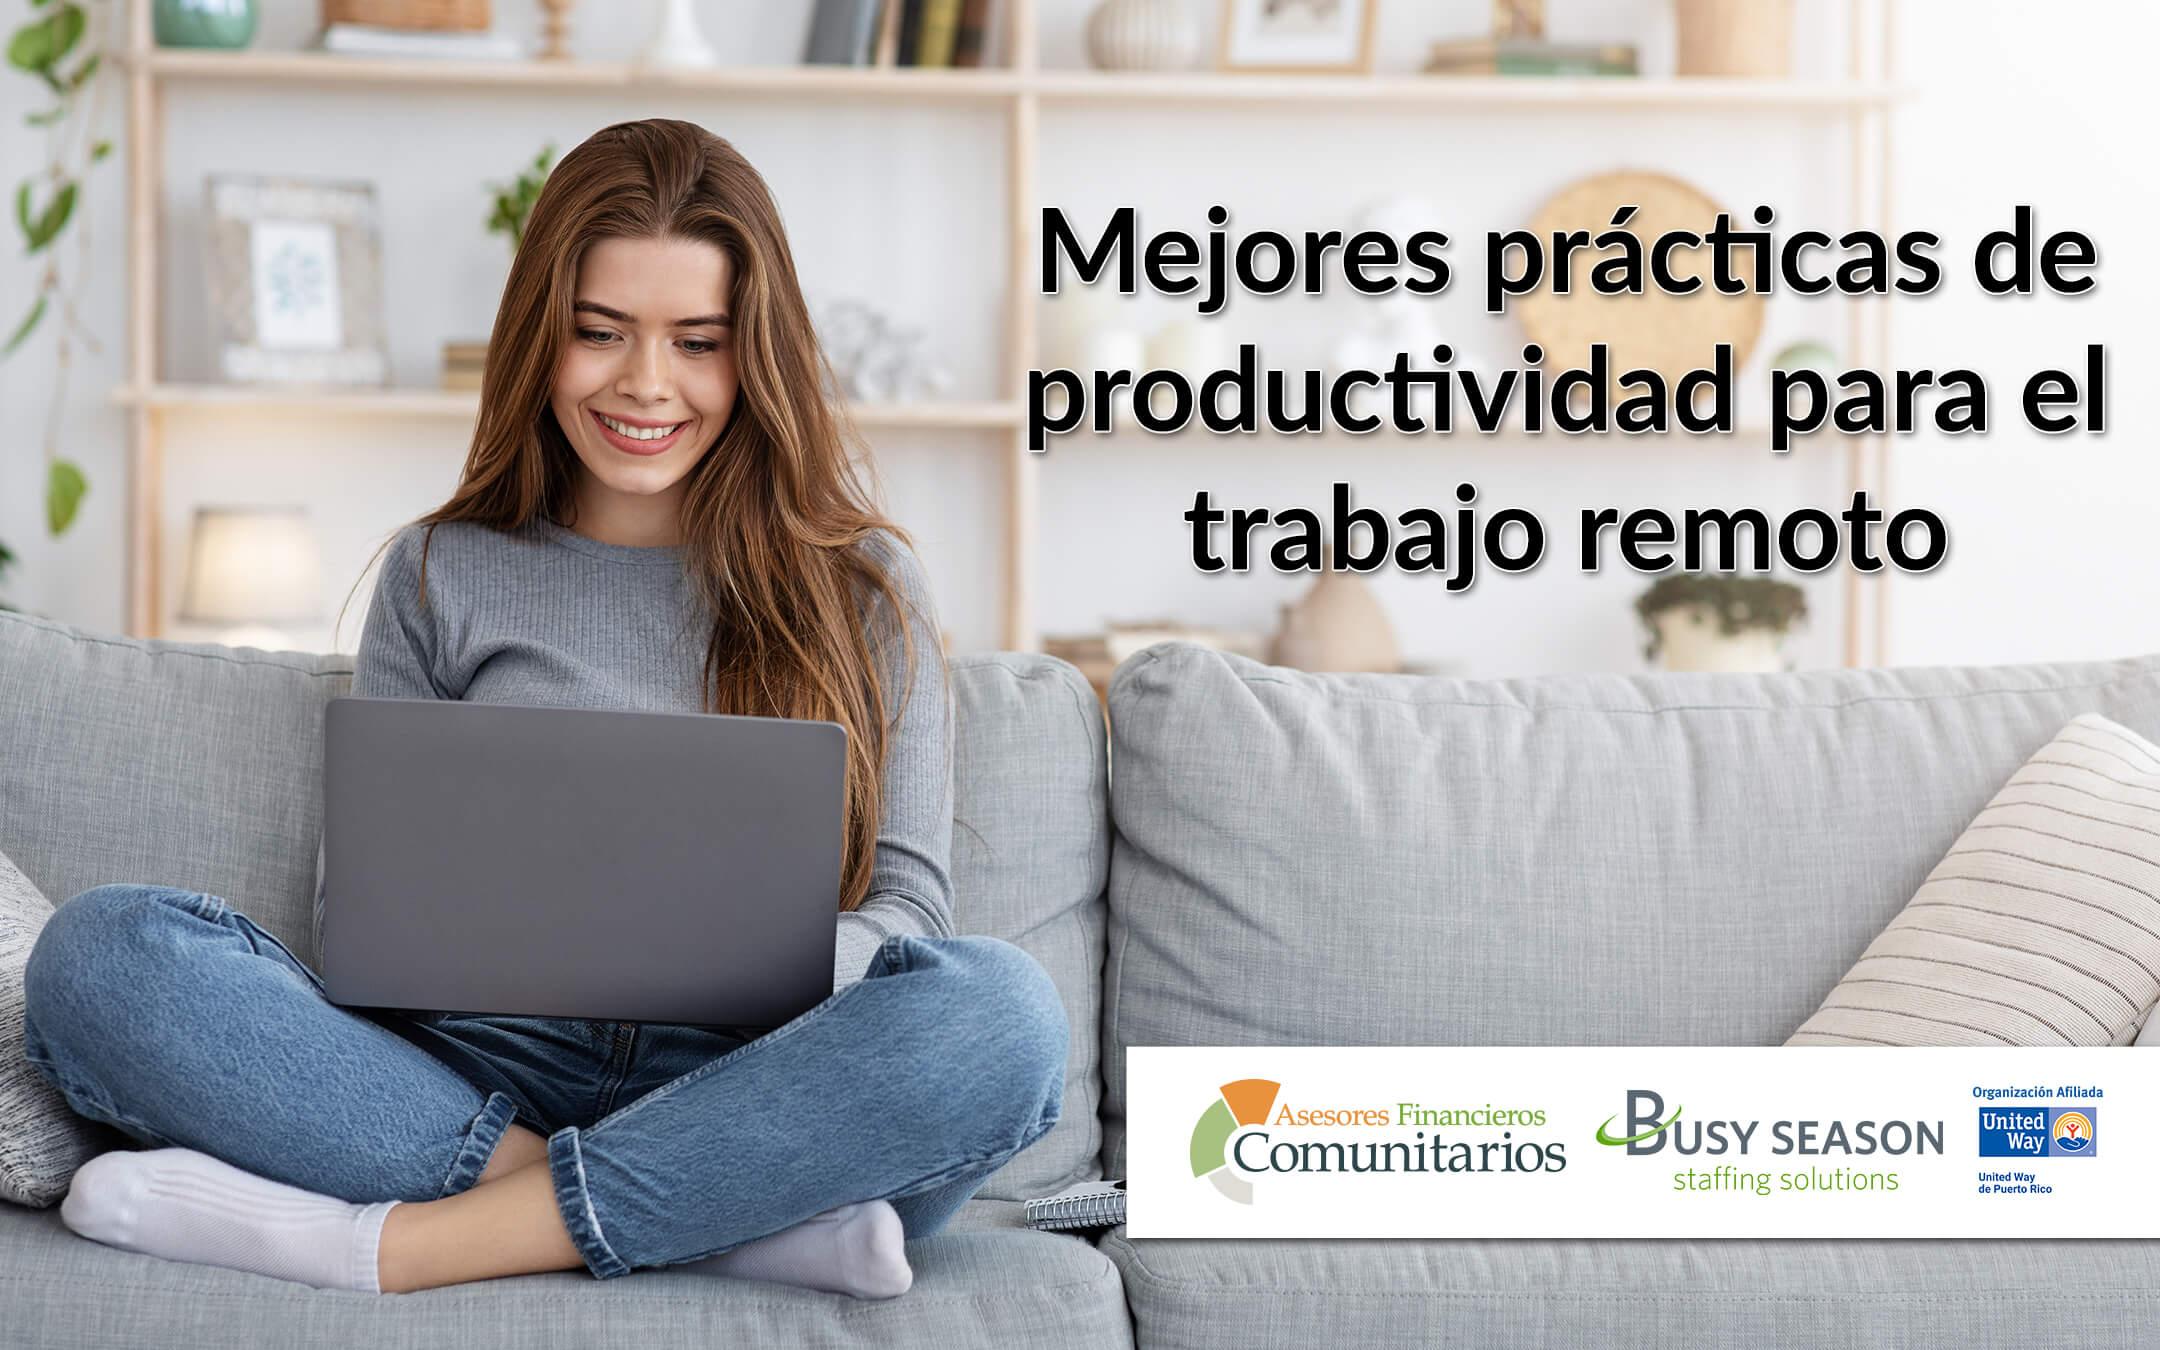 Mejores prácticas de productividad para el trabajo remoto